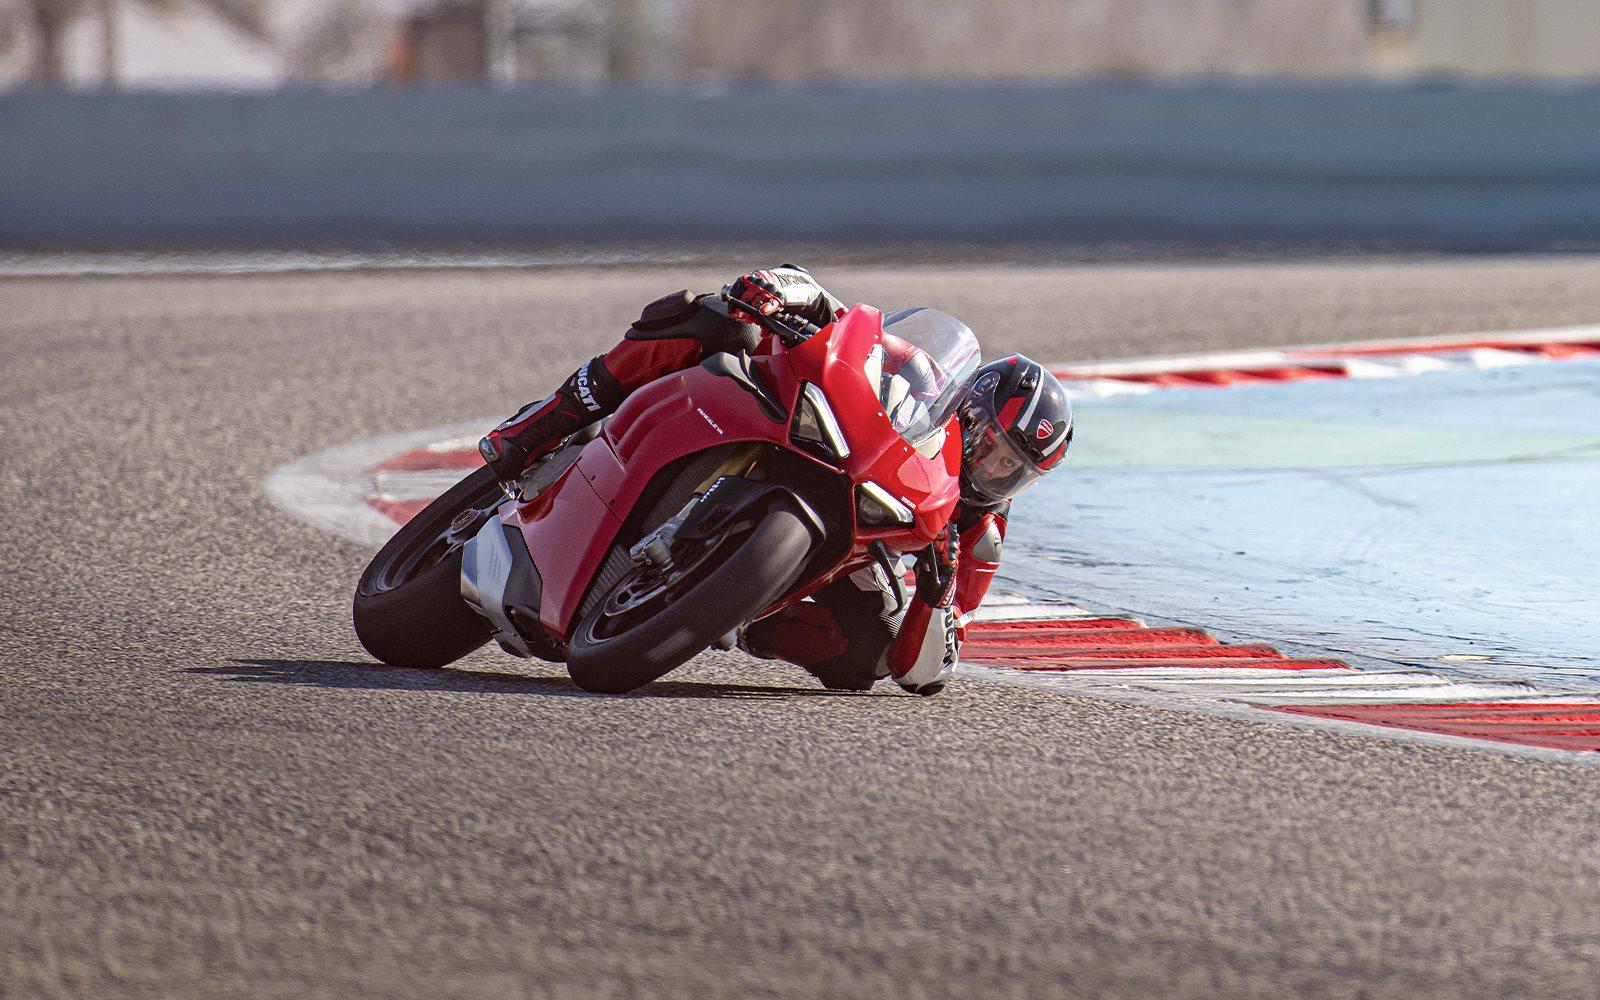 Año tras año, la Panigale V4 se renueva para ser más rápida y emocionante en la pista tanto para el piloto aficionado como para el profesional.